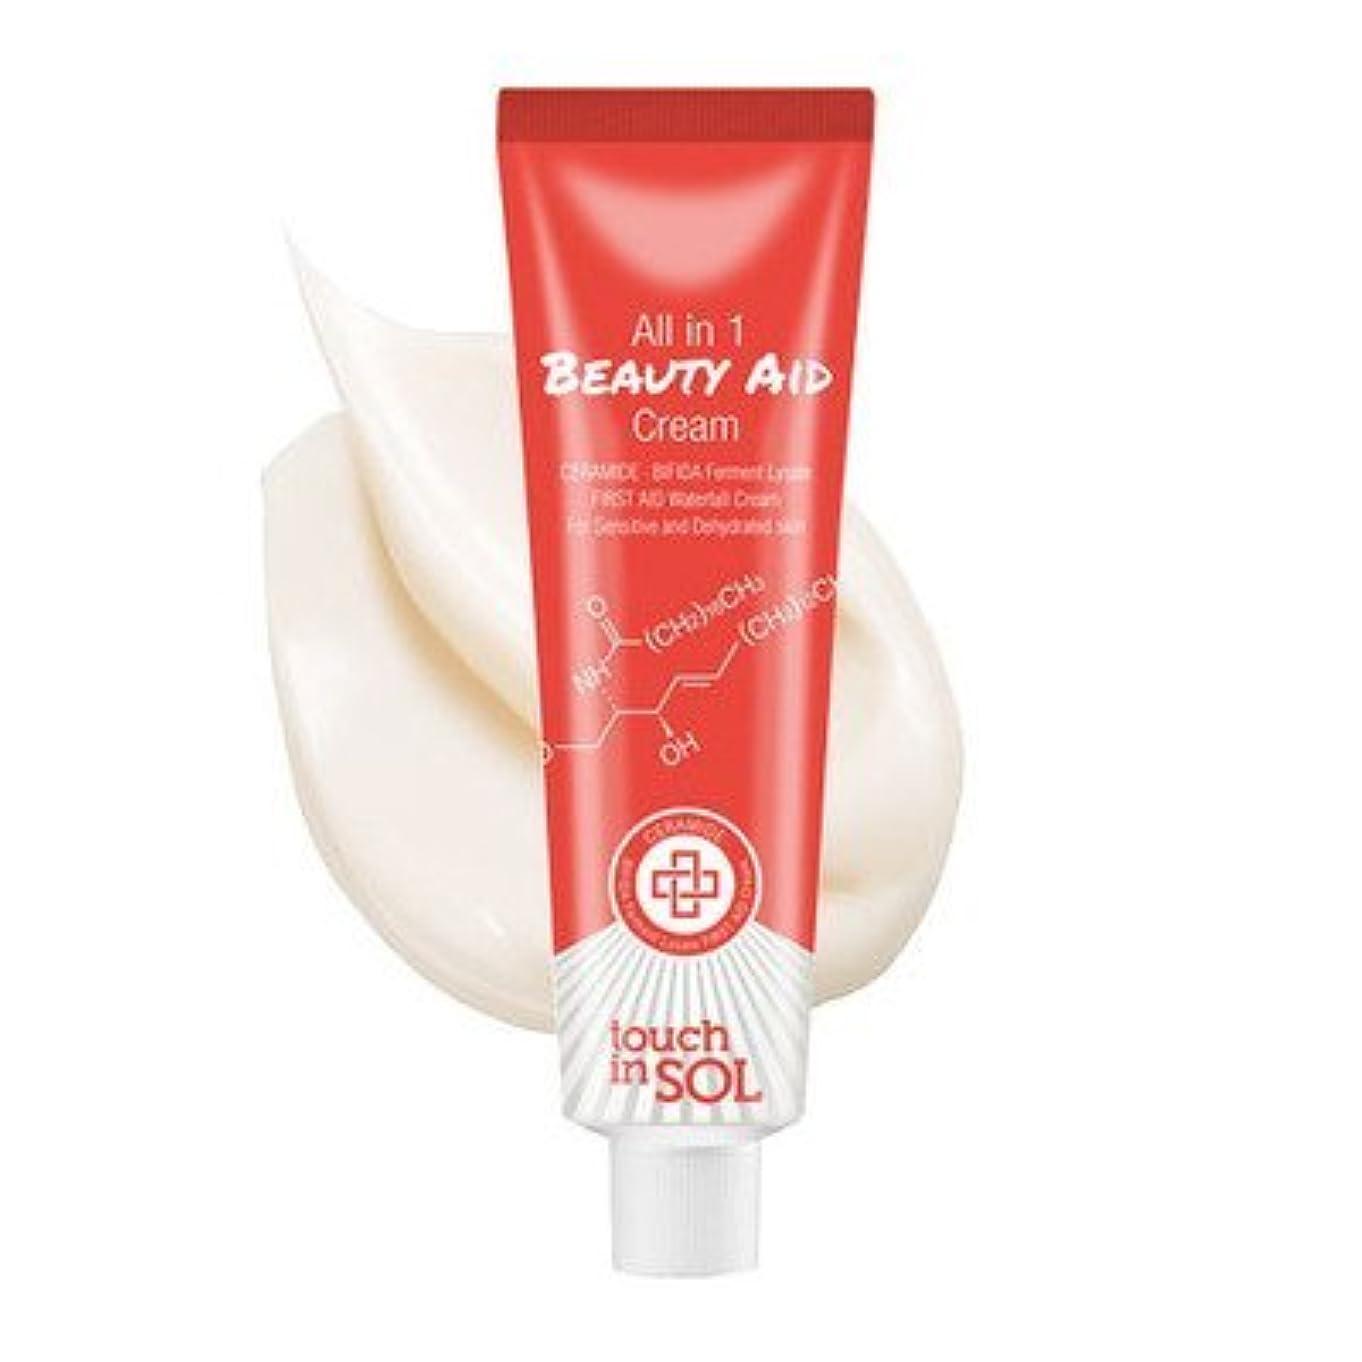 わがままオーガニック発生するTOUCH IN SOL((タッチ イン ソル)オールインワンビューティーエードクリーム/(TOUCH IN SOL)beauty aid cream [並行輸入品]